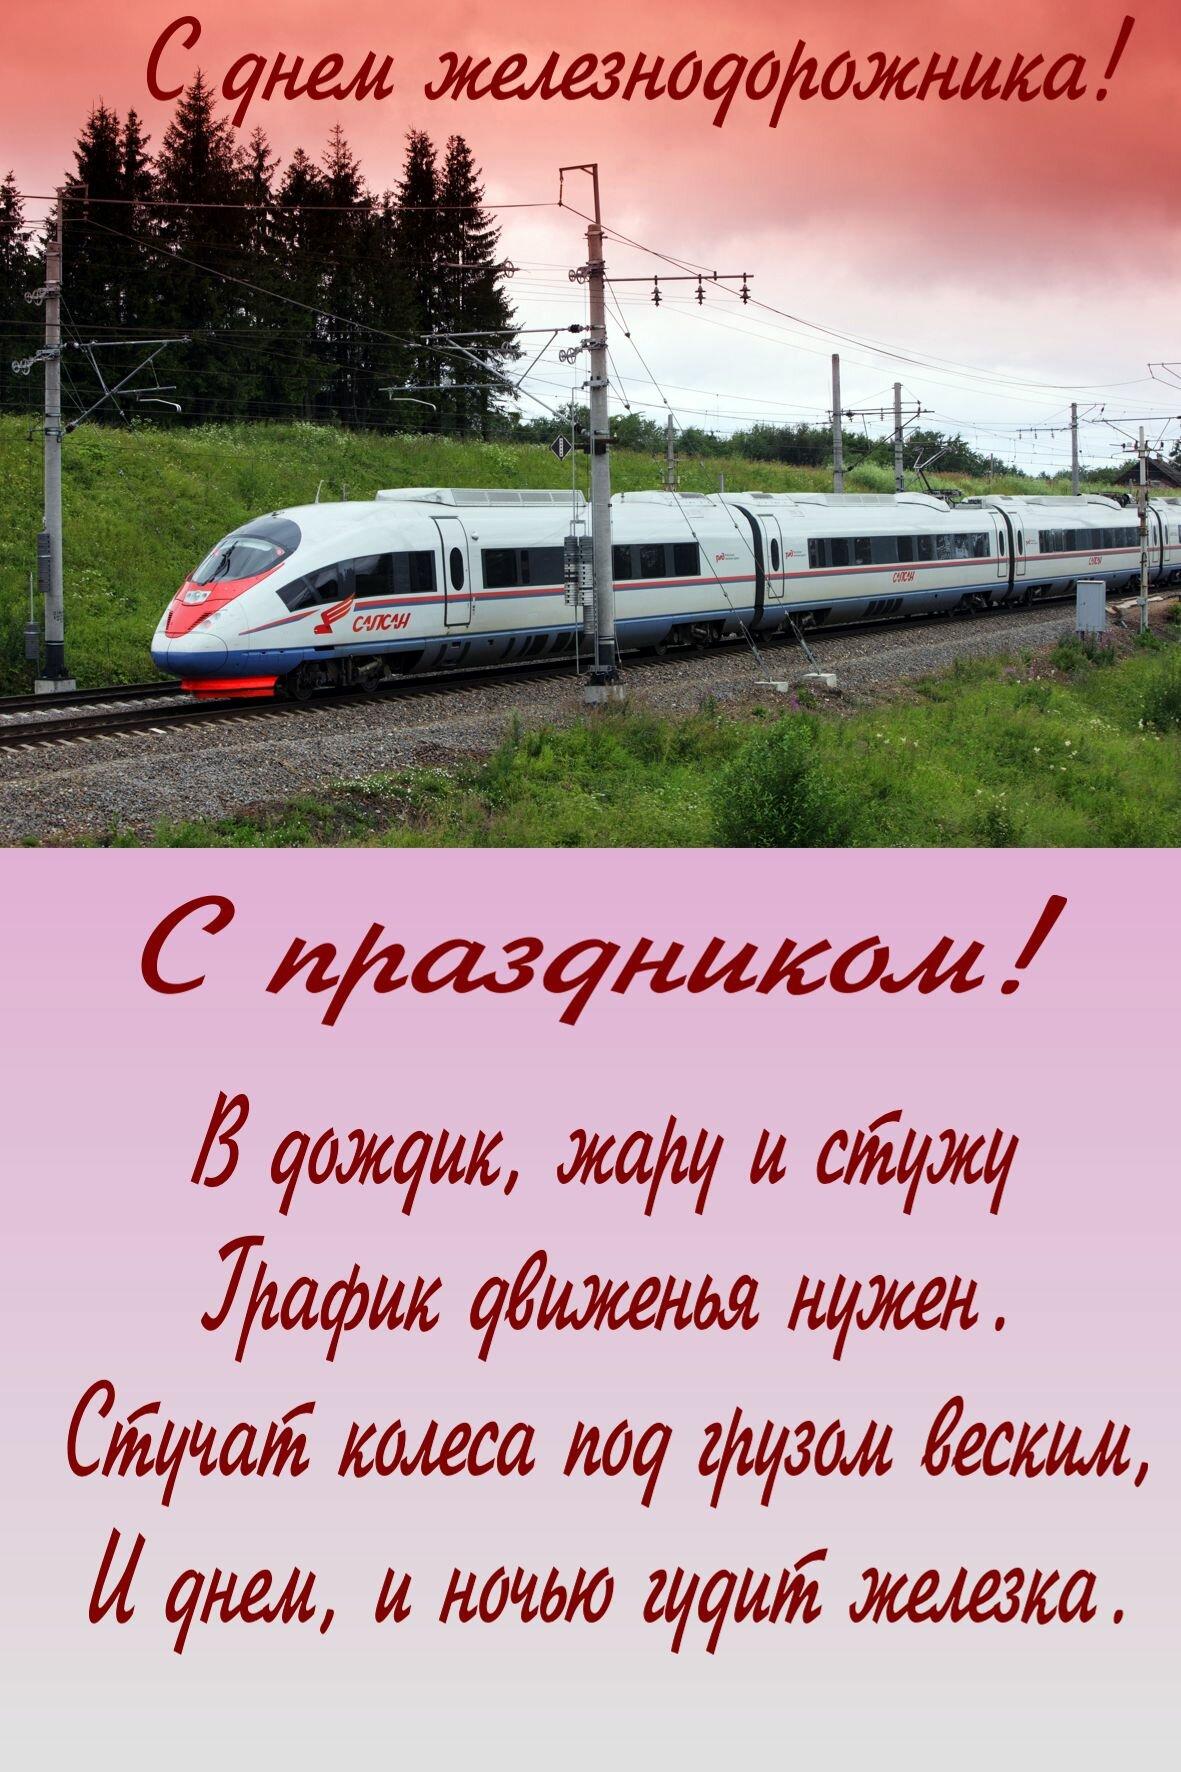 Поздравление дежурной по станции с юбилеем